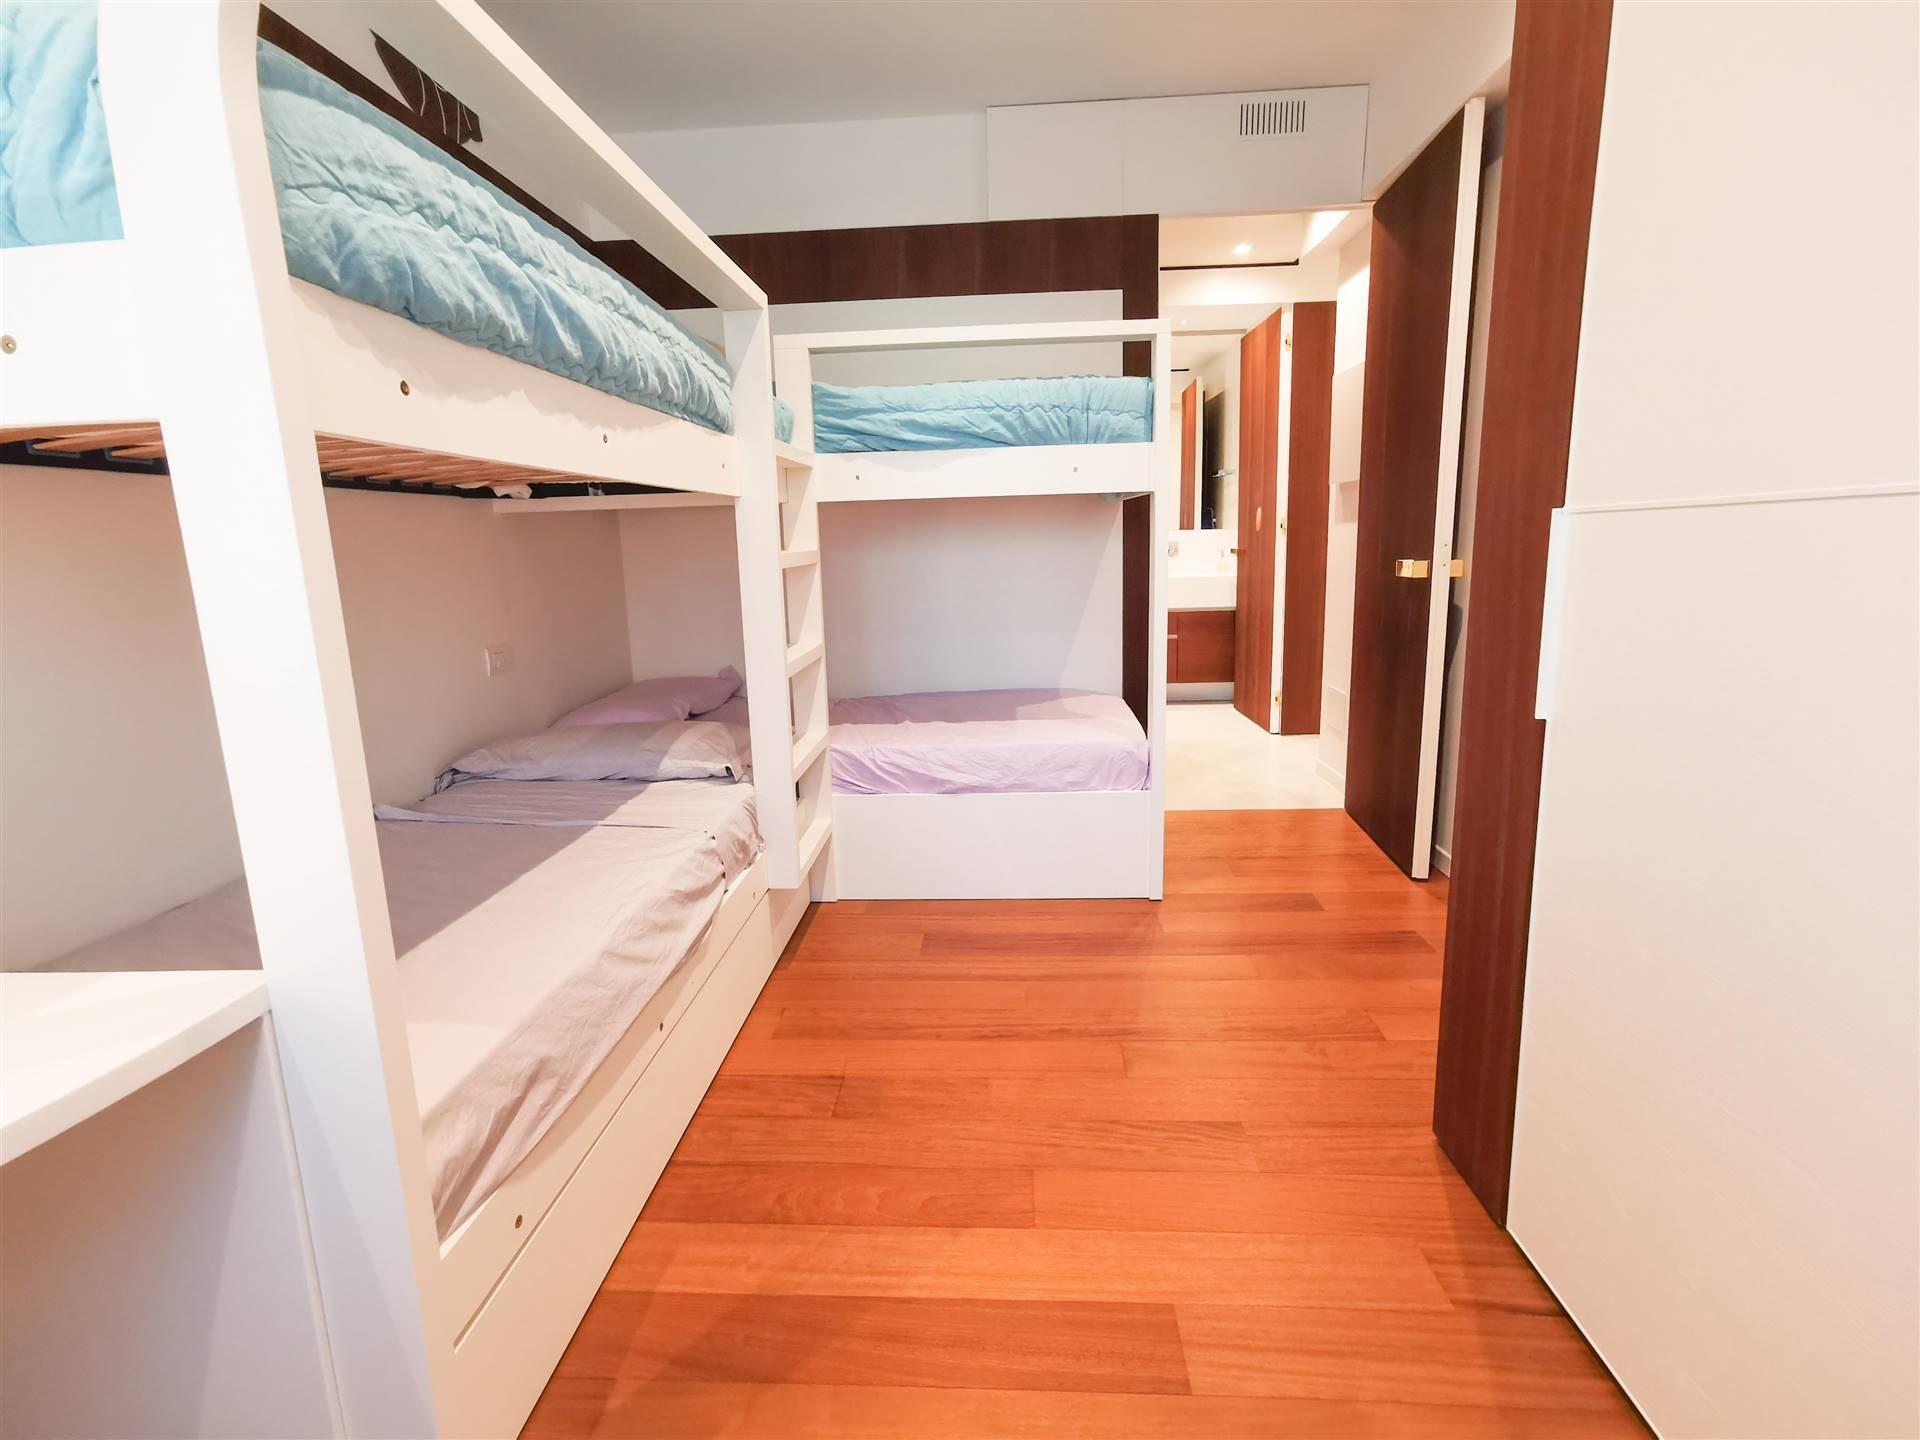 JESOLO Appartamento con due camere signorile con domotica Foto 13